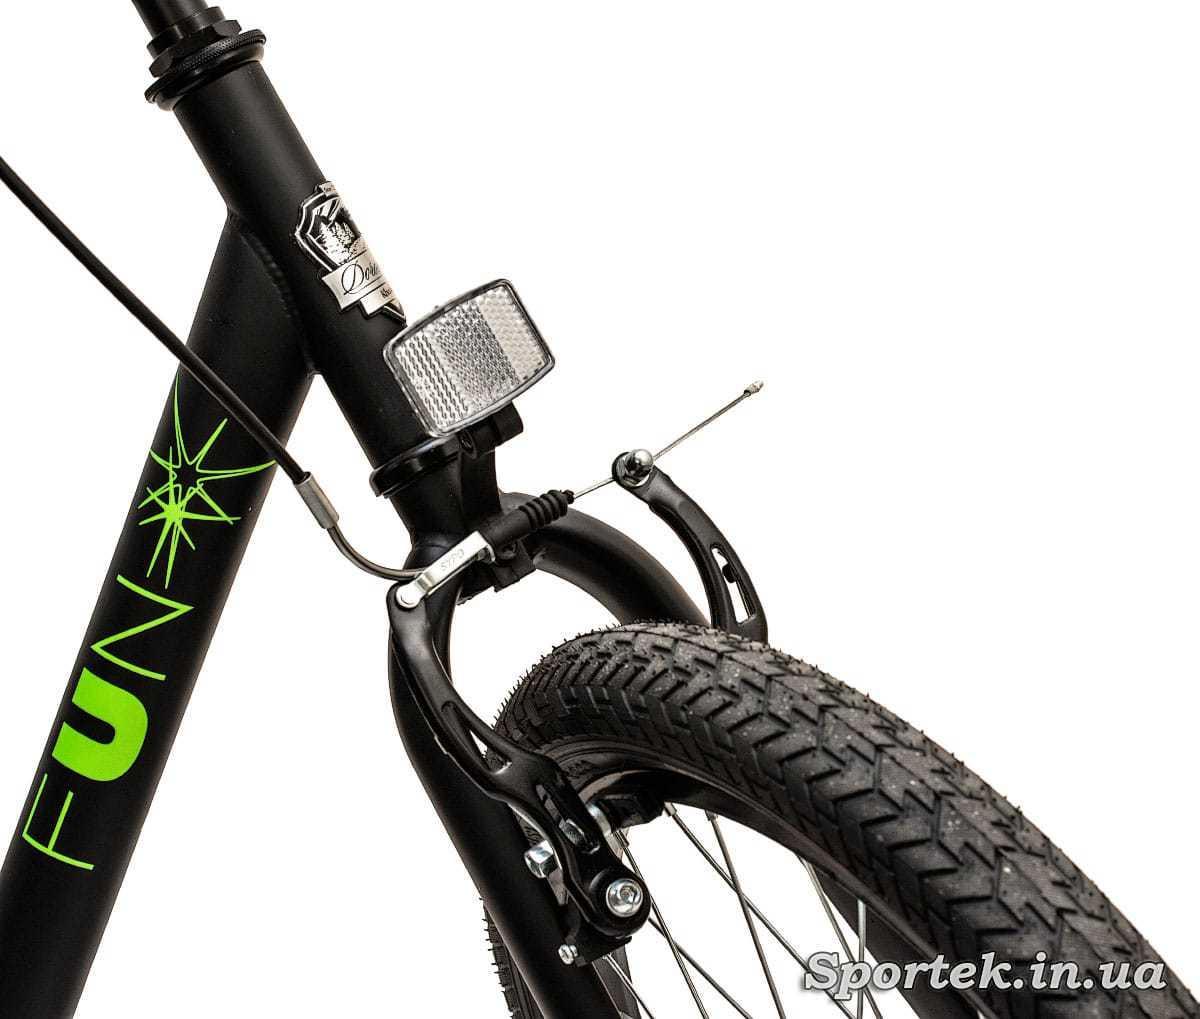 Передні колесо і гальмо складного підліткового велосипеда Dorozhnik Fun 2016